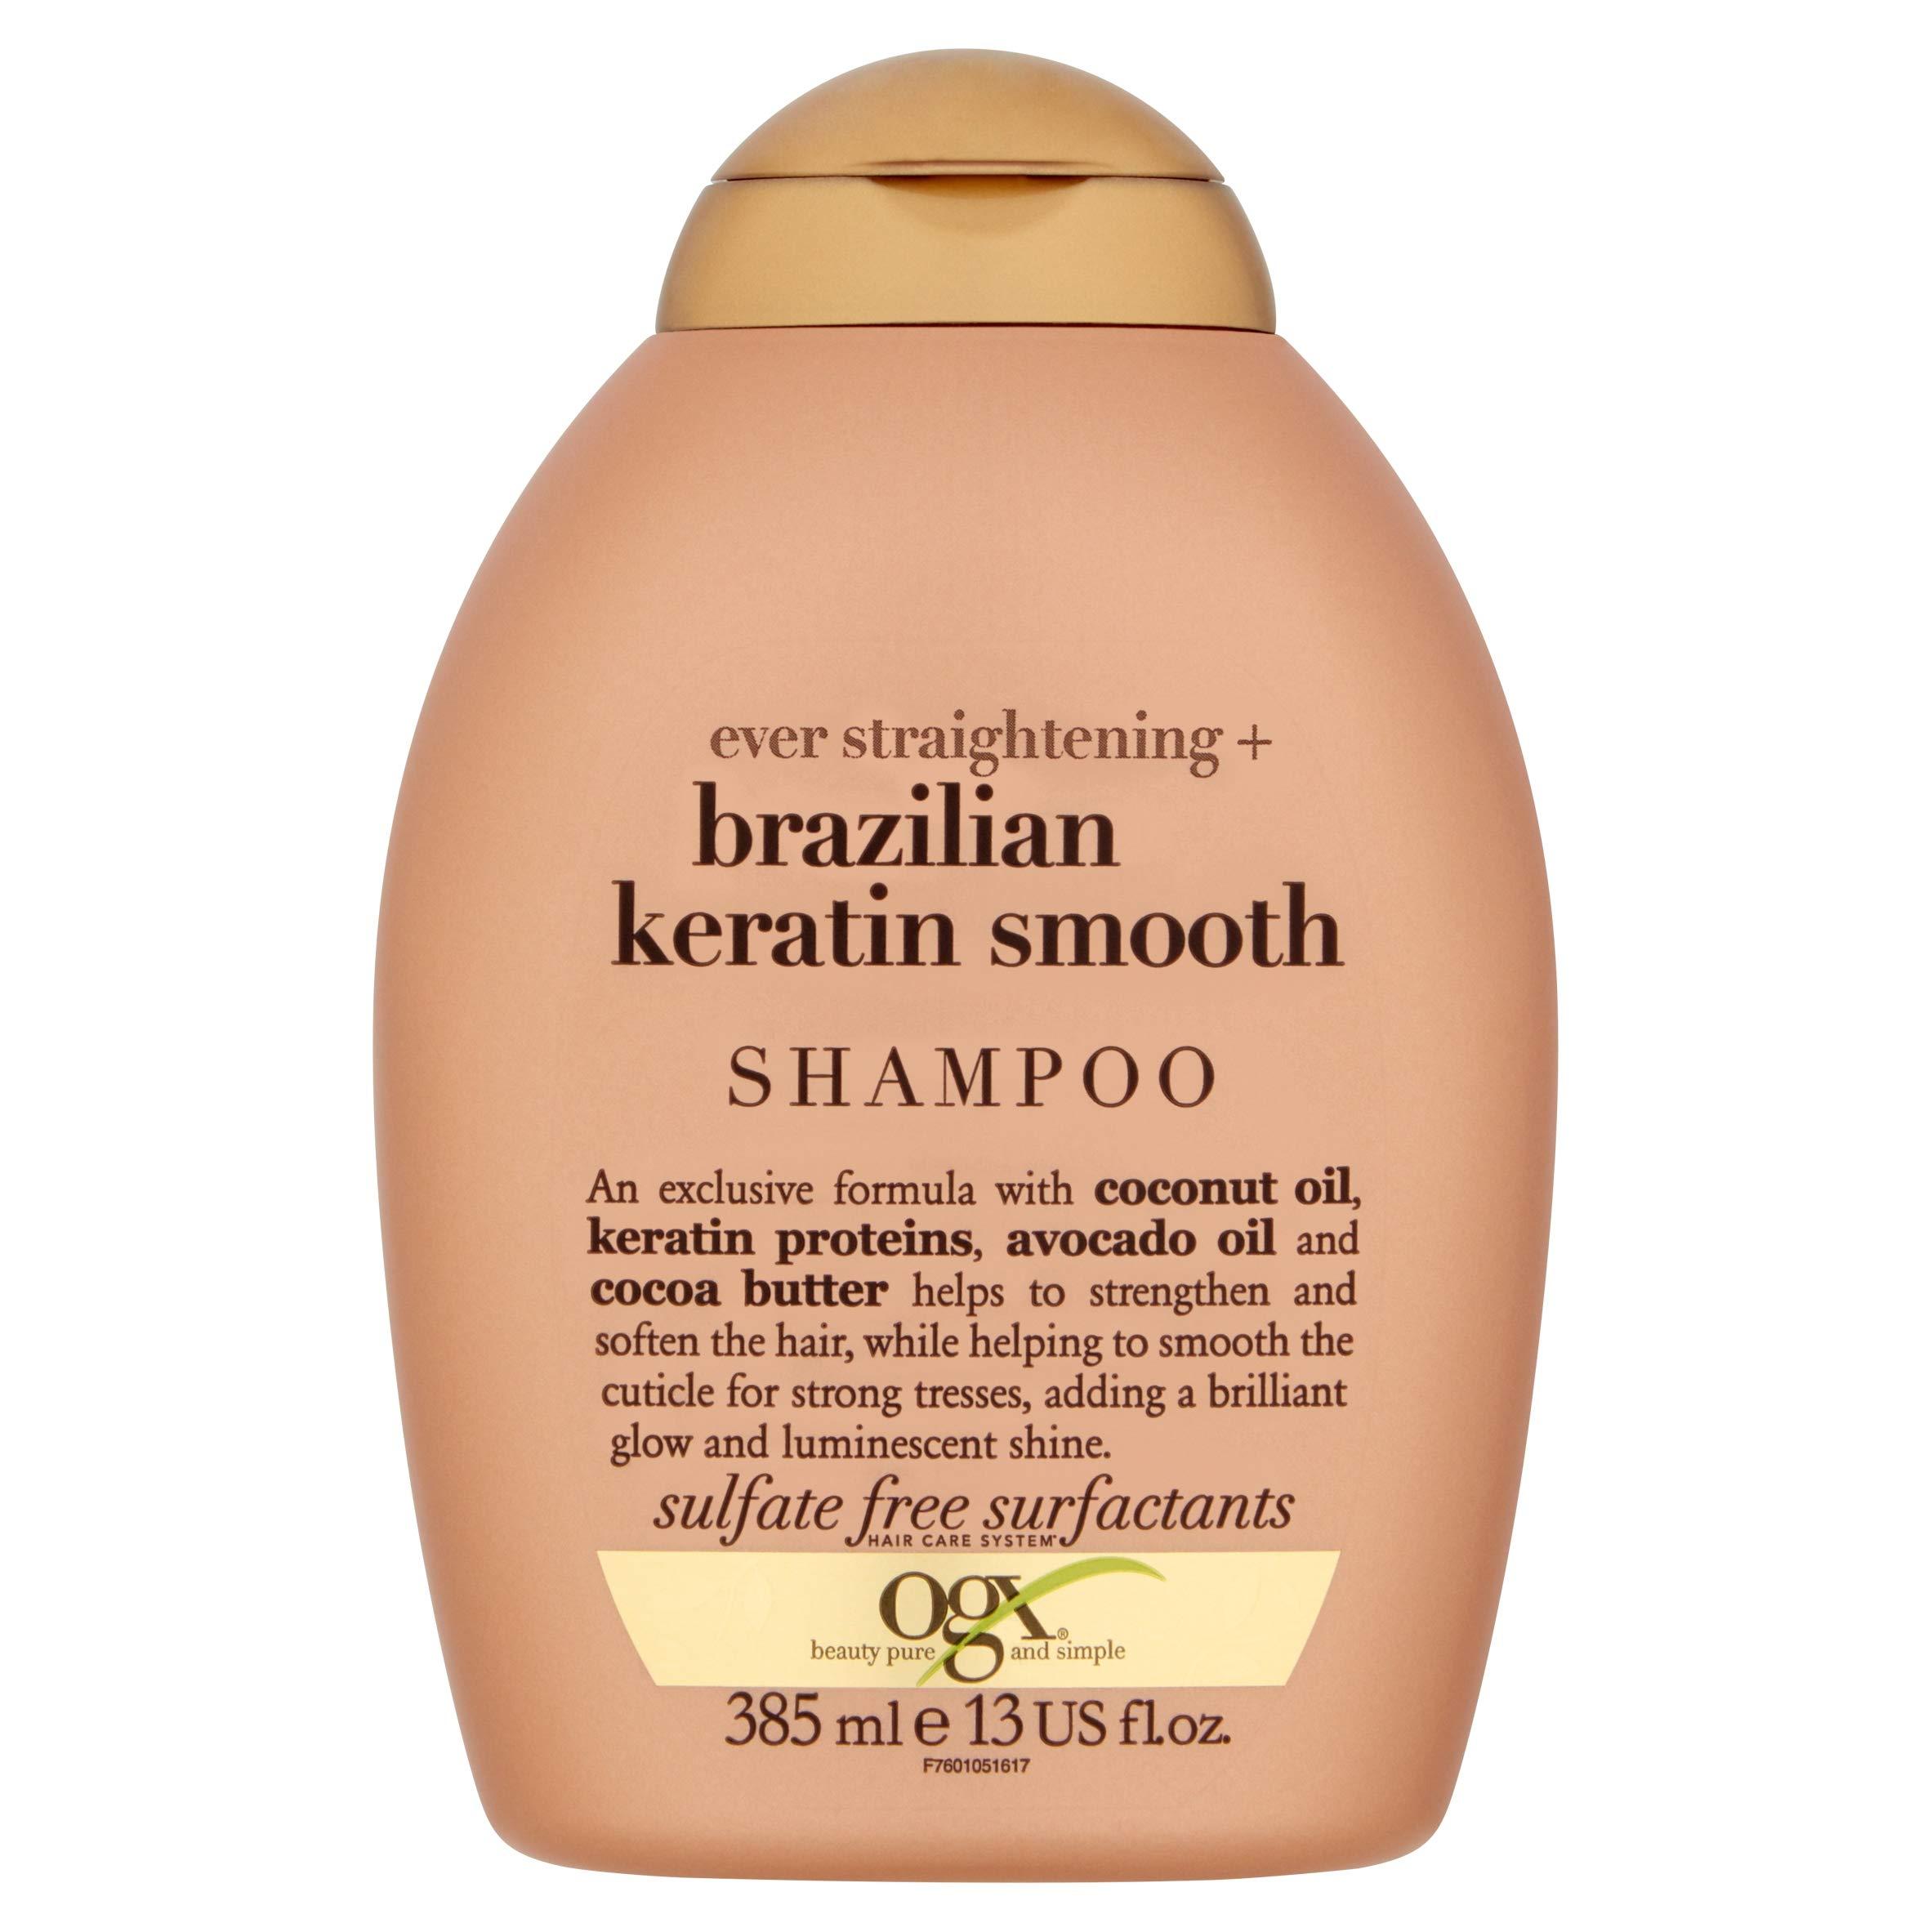 OGX Champú Keratina Brasileña - 385 ml product image